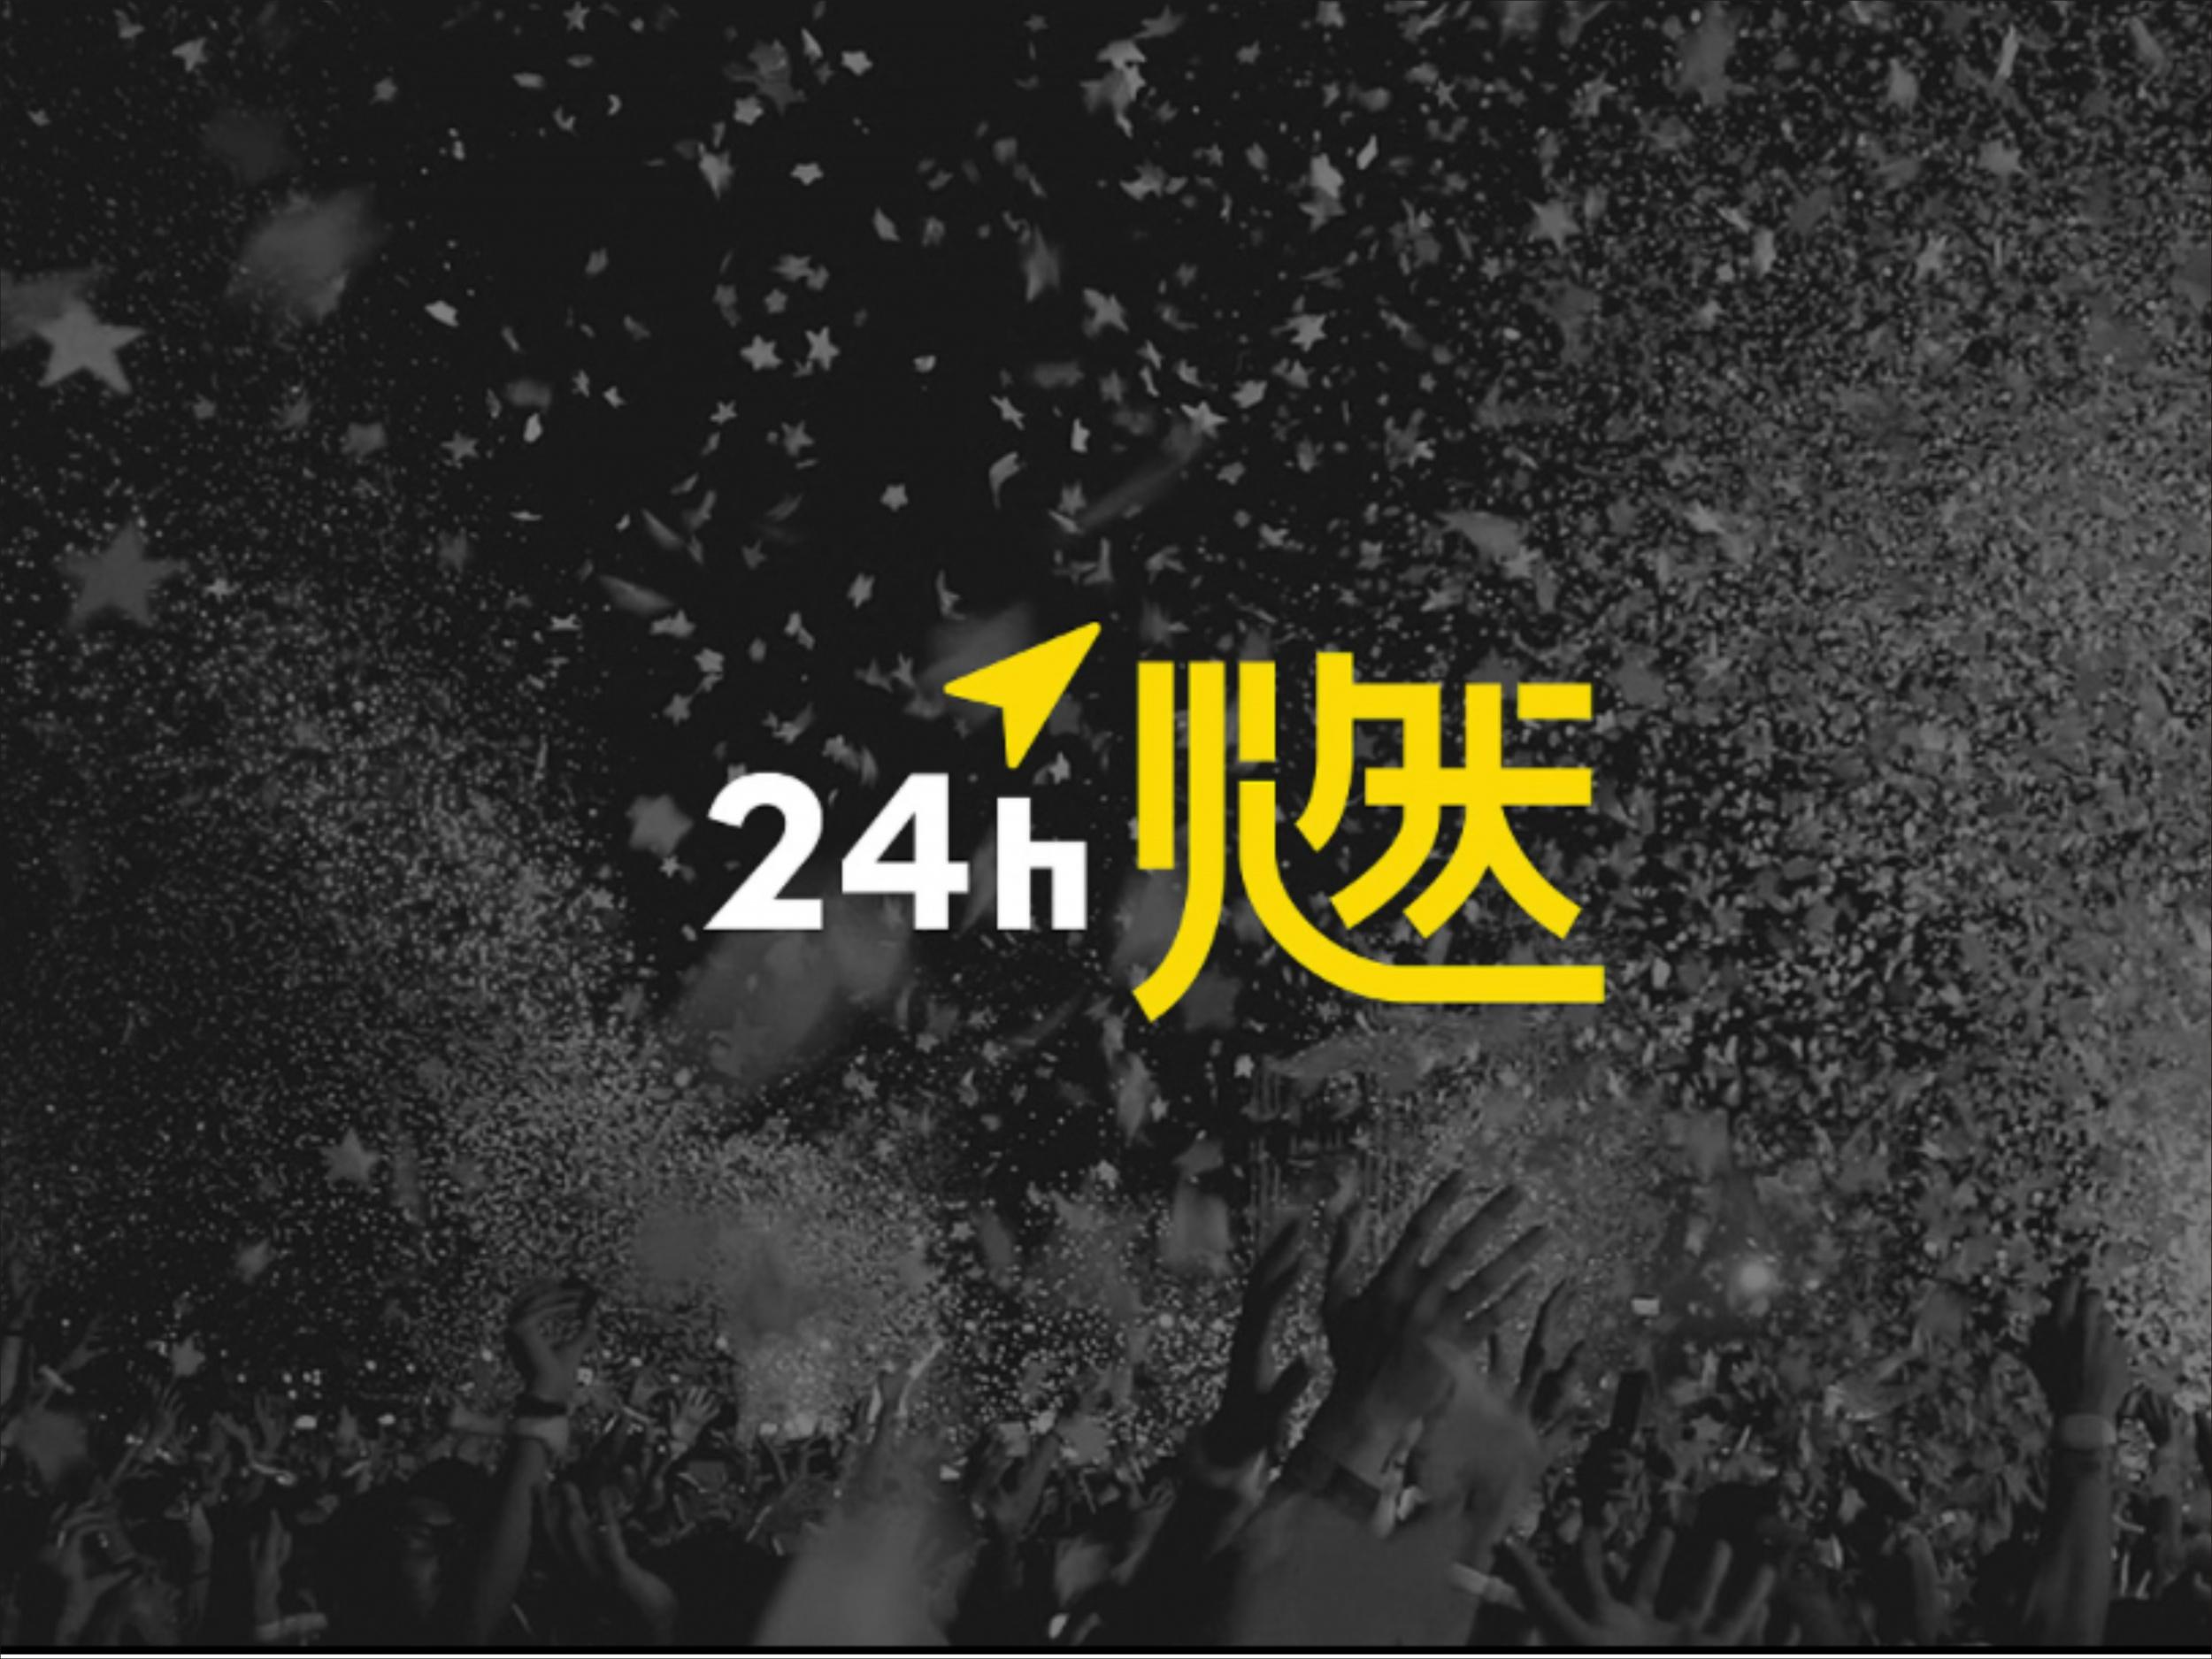 艺天-有态度的培训学校—郑州艺天培训学校Vi设计 究竟多有态度呢 快来看看吧!